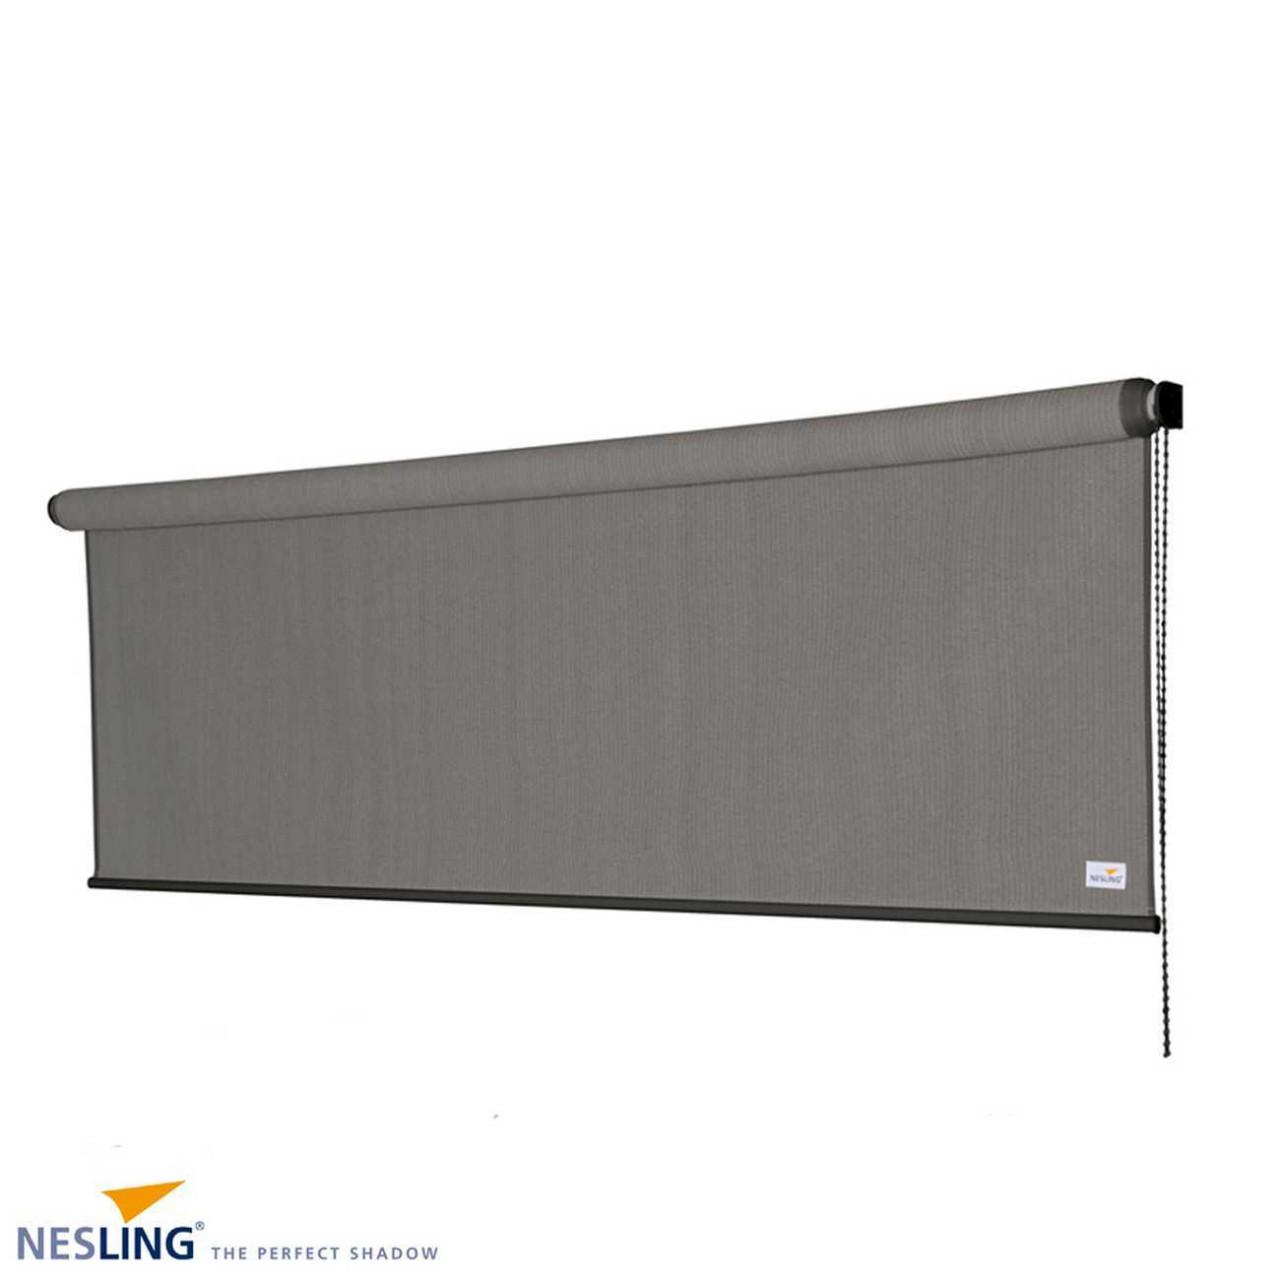 Nesling Rollo 296 cm Außenrollo, Sonnenschutz, Sichtschutz, Balkonrollo